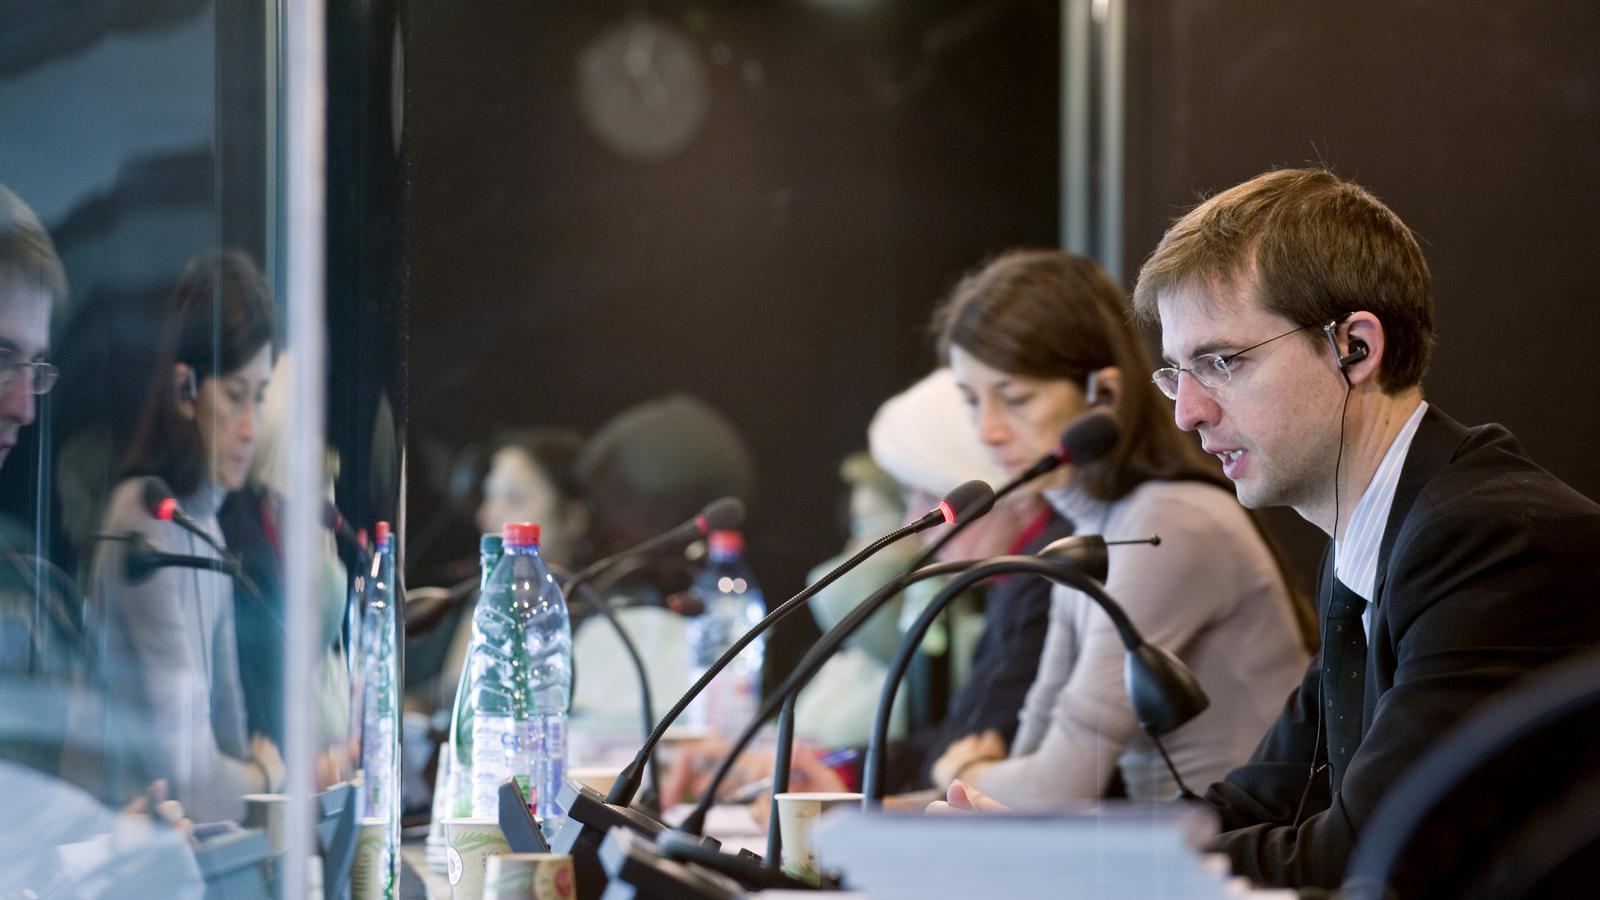 Intèrprets a les cabines del Parlament Europeu